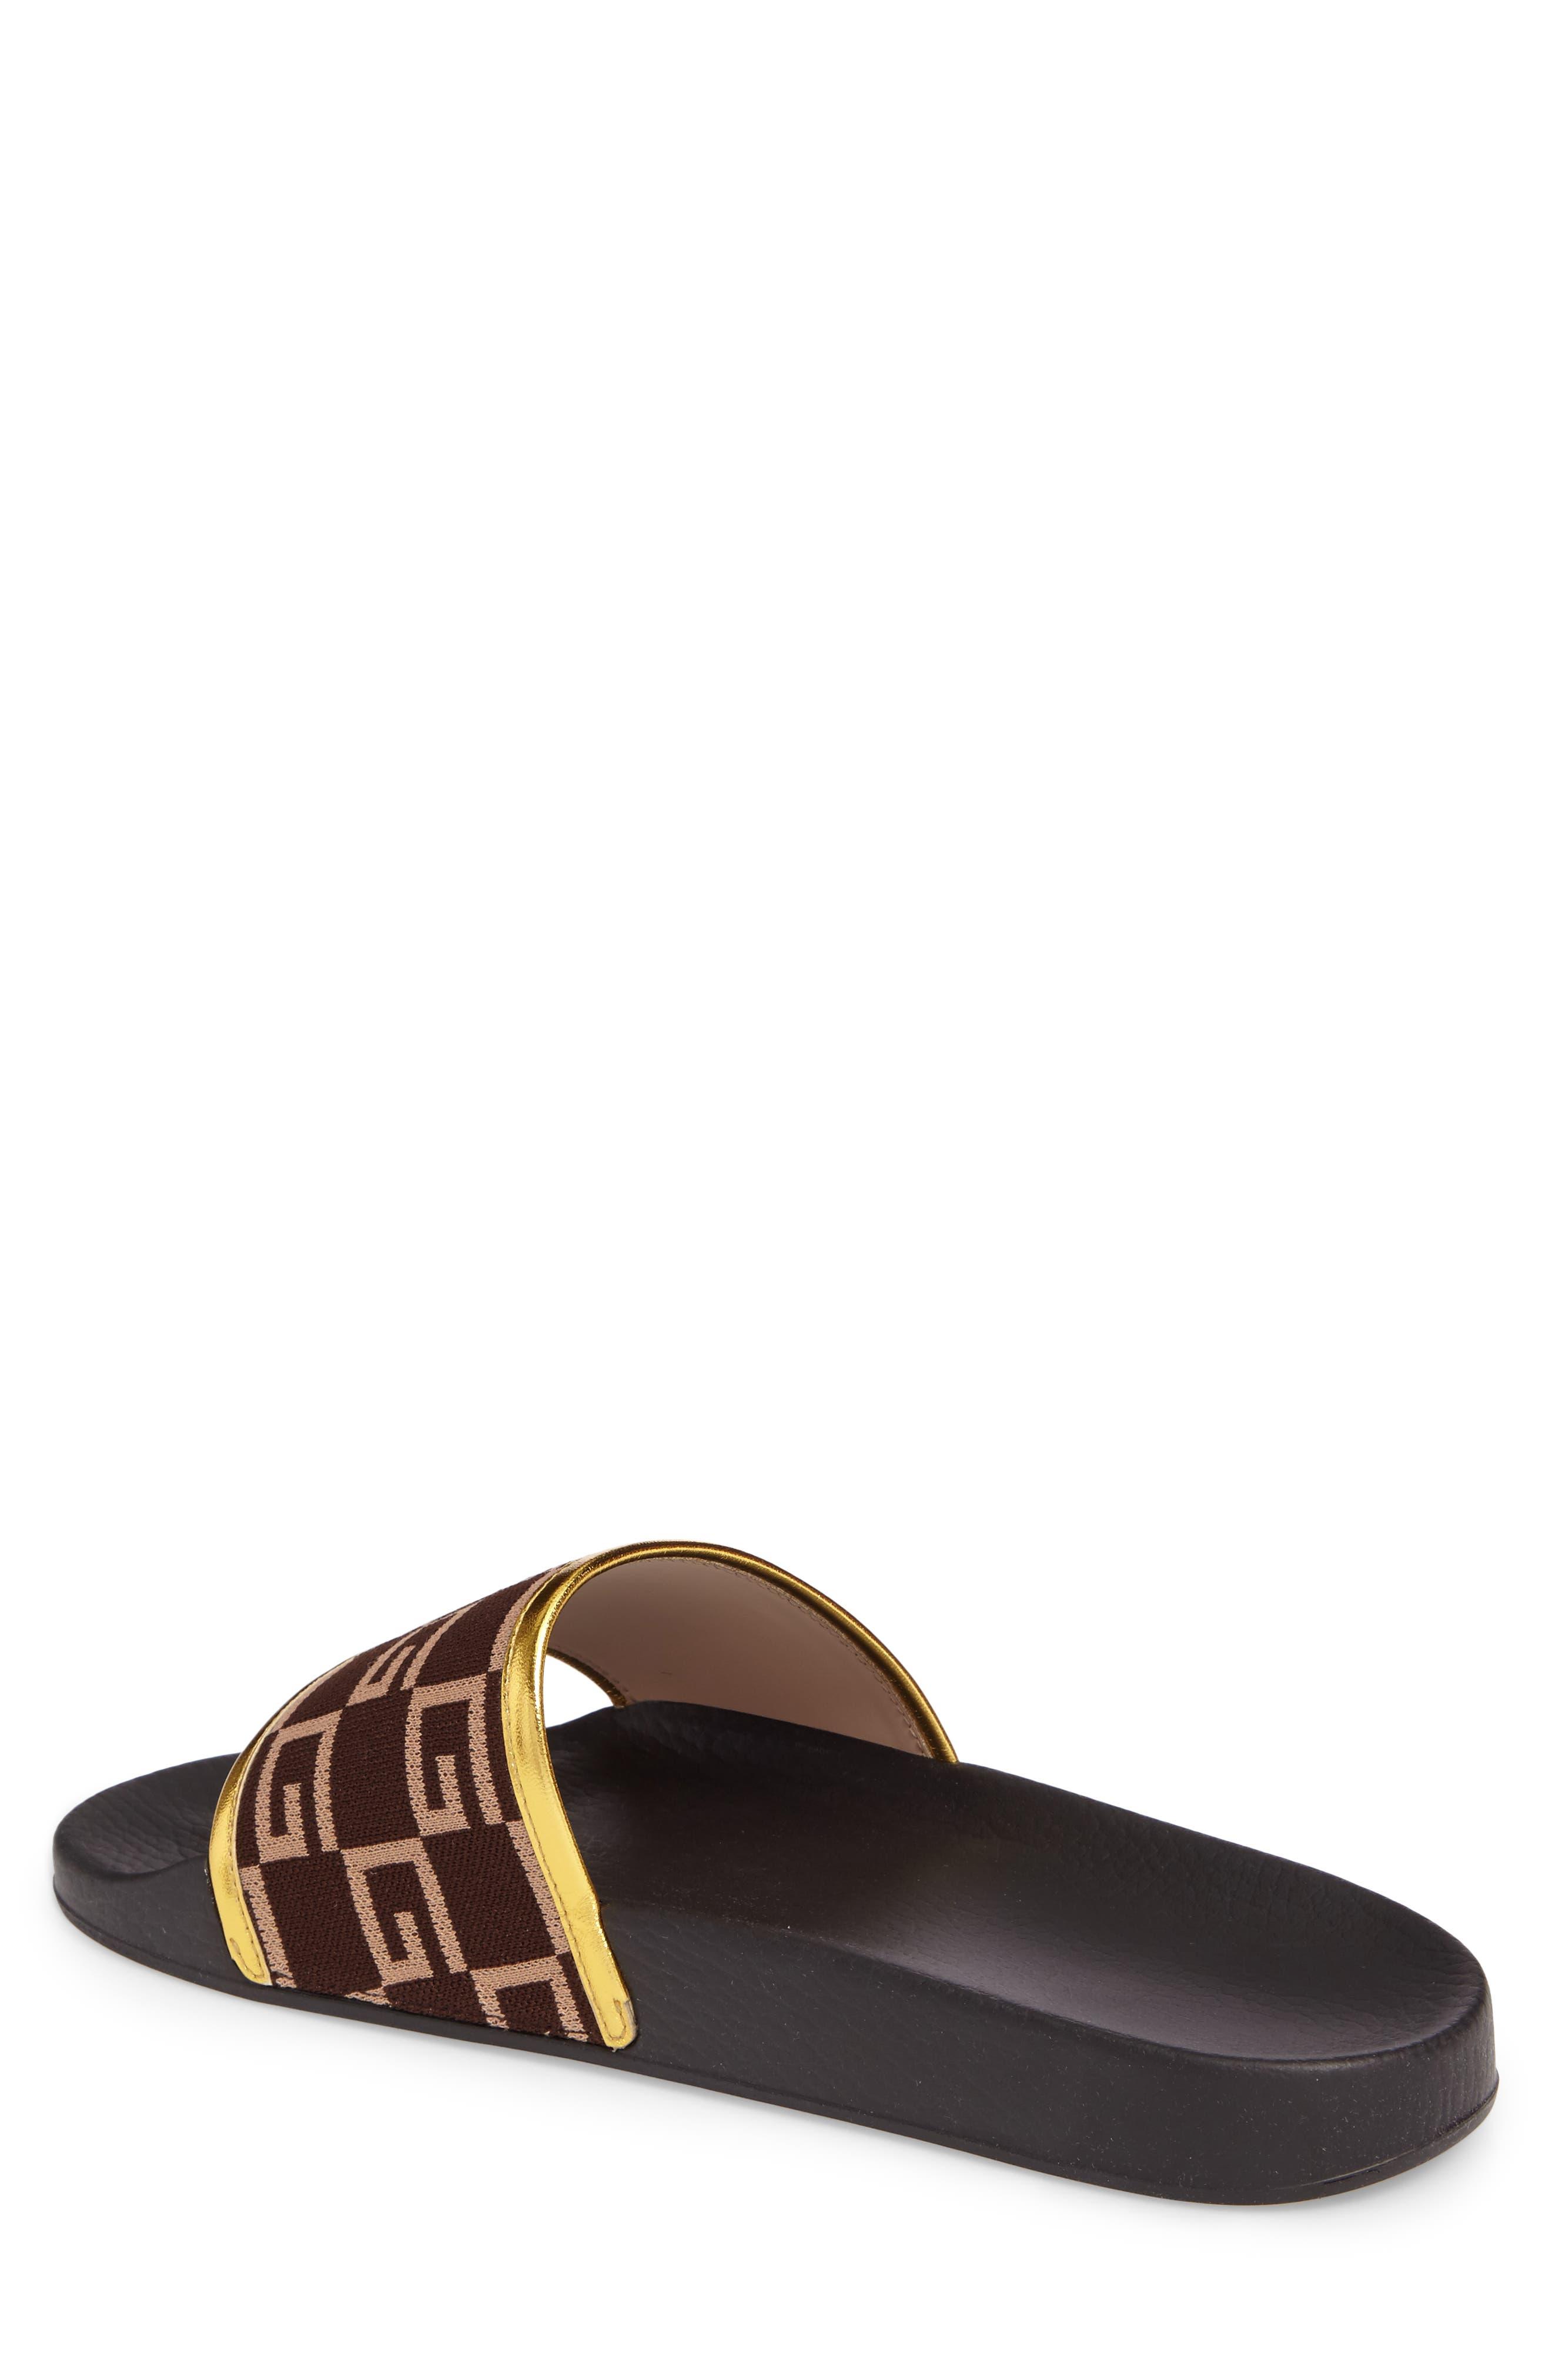 Pursuit Slide Sandal,                             Alternate thumbnail 2, color,                             Brown